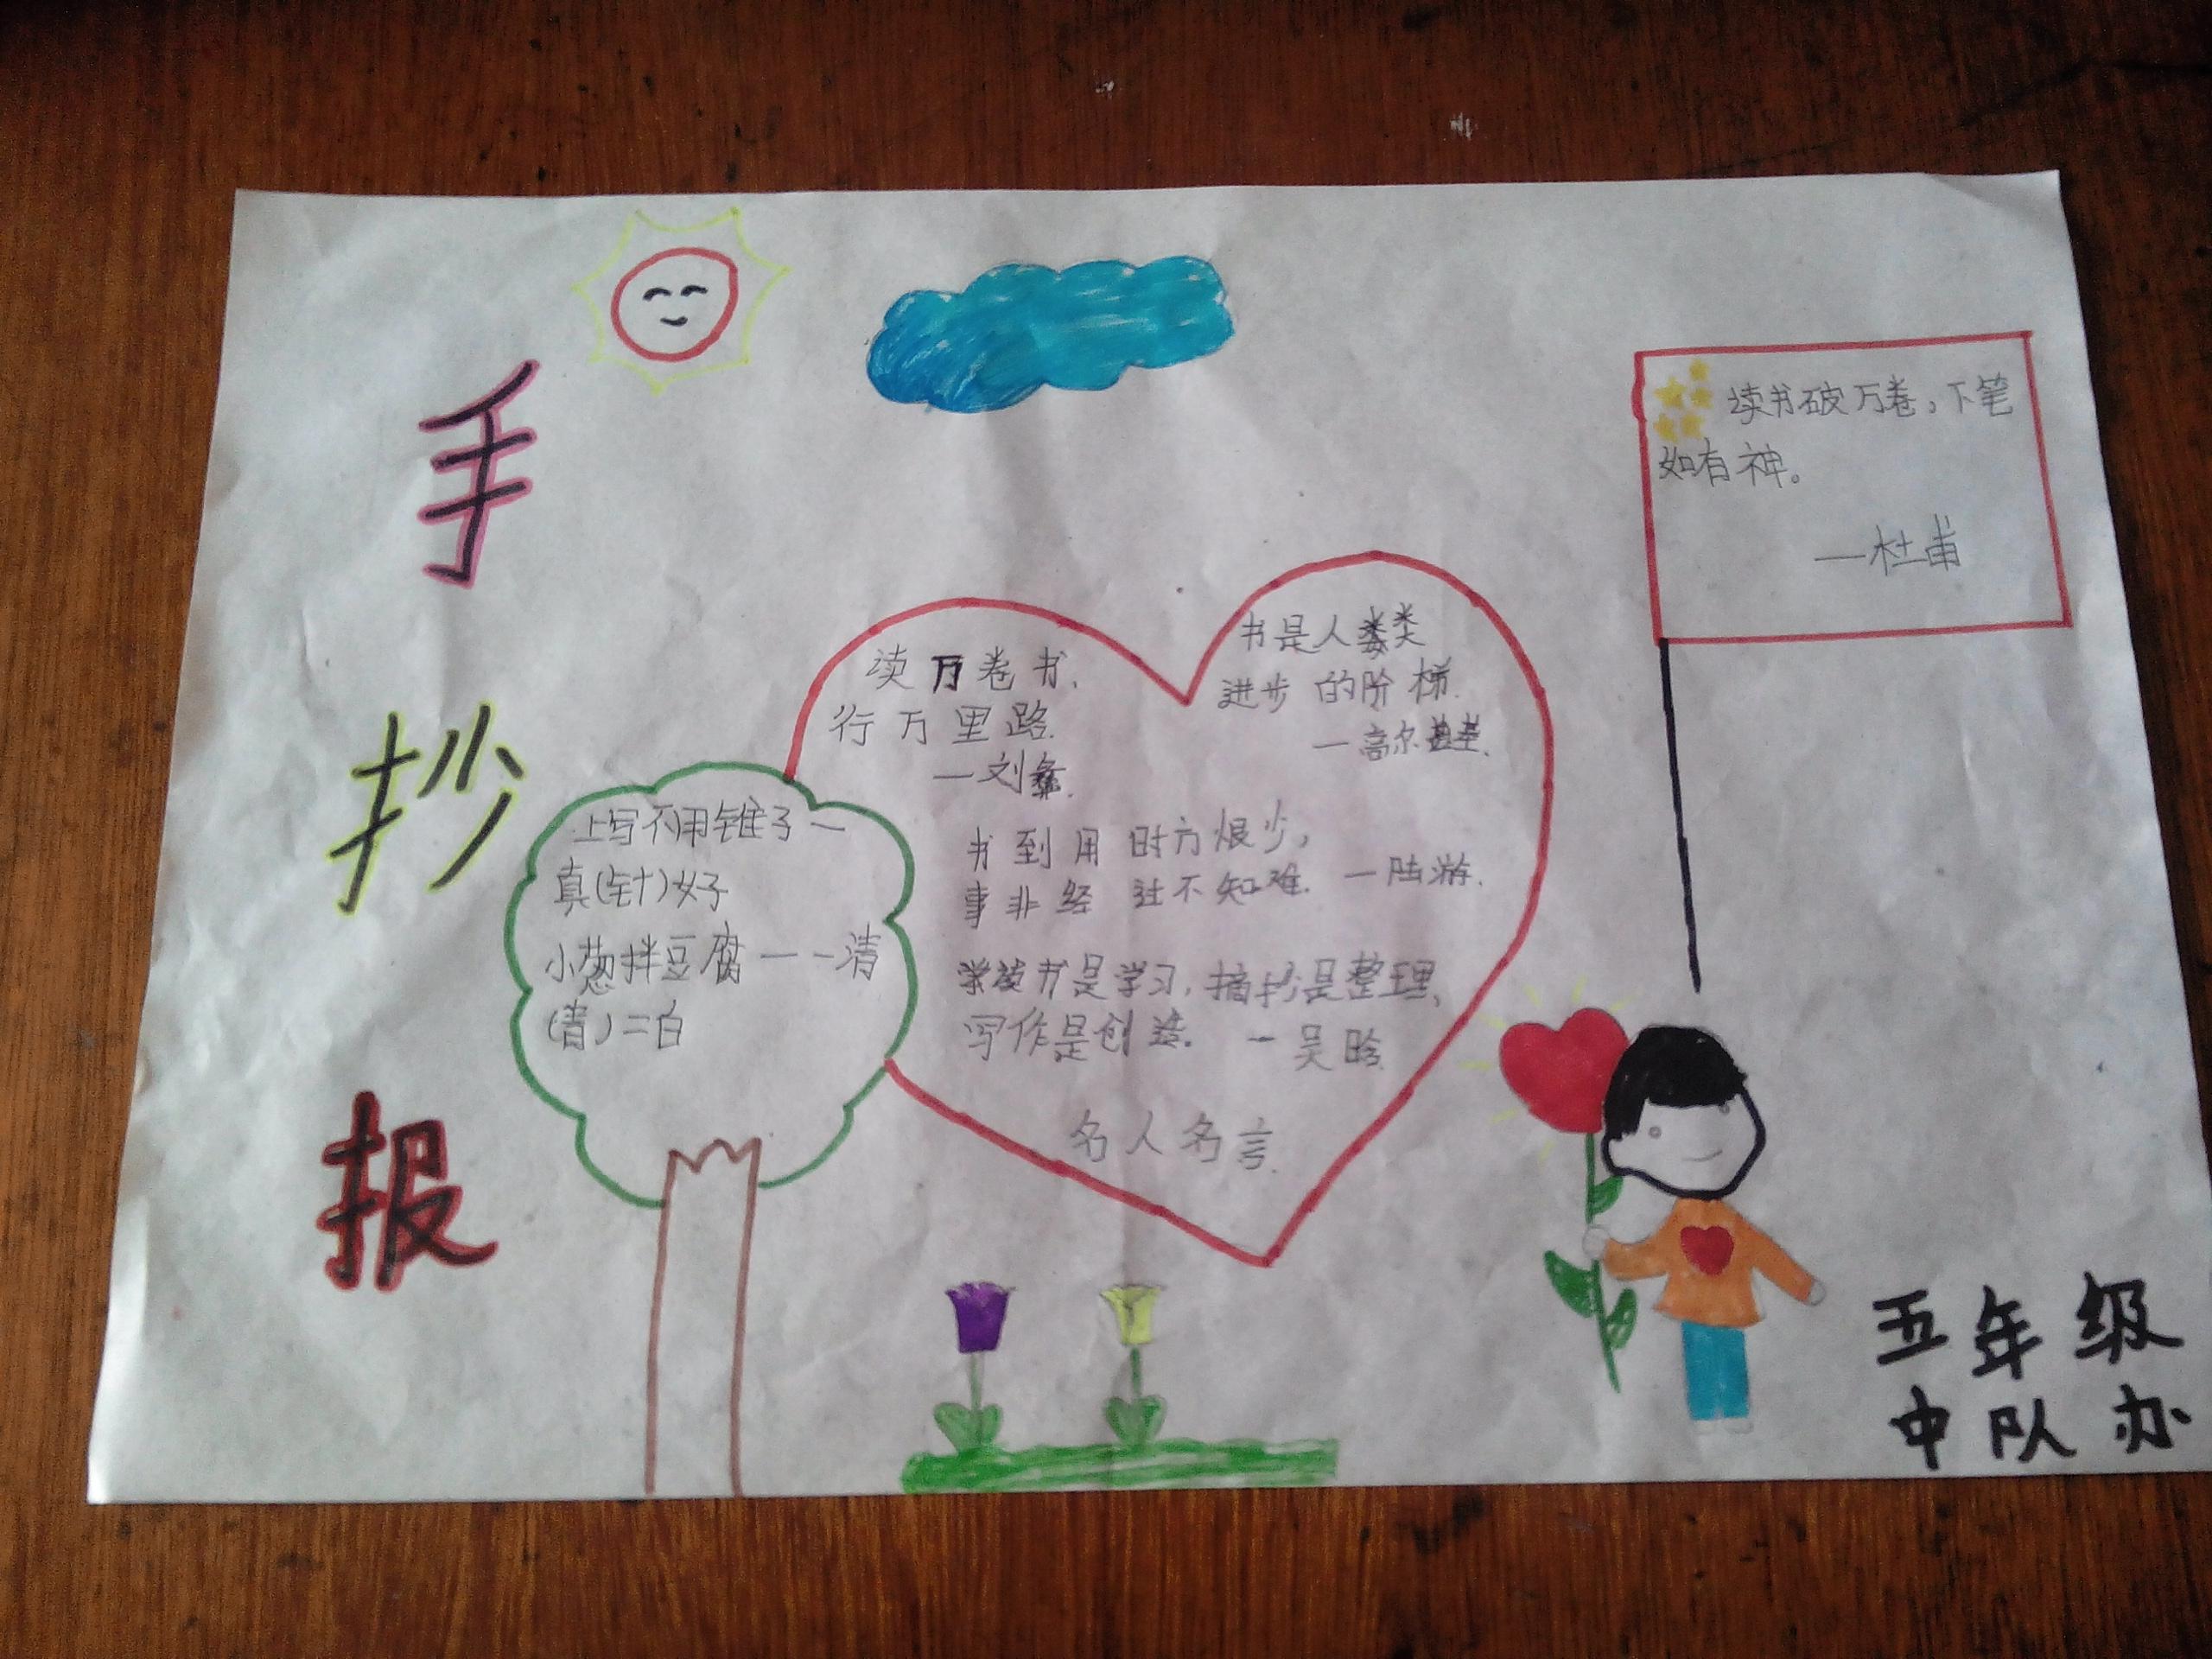 手抄报 - 课表上传 - 活动 - 未来网红领巾集结号